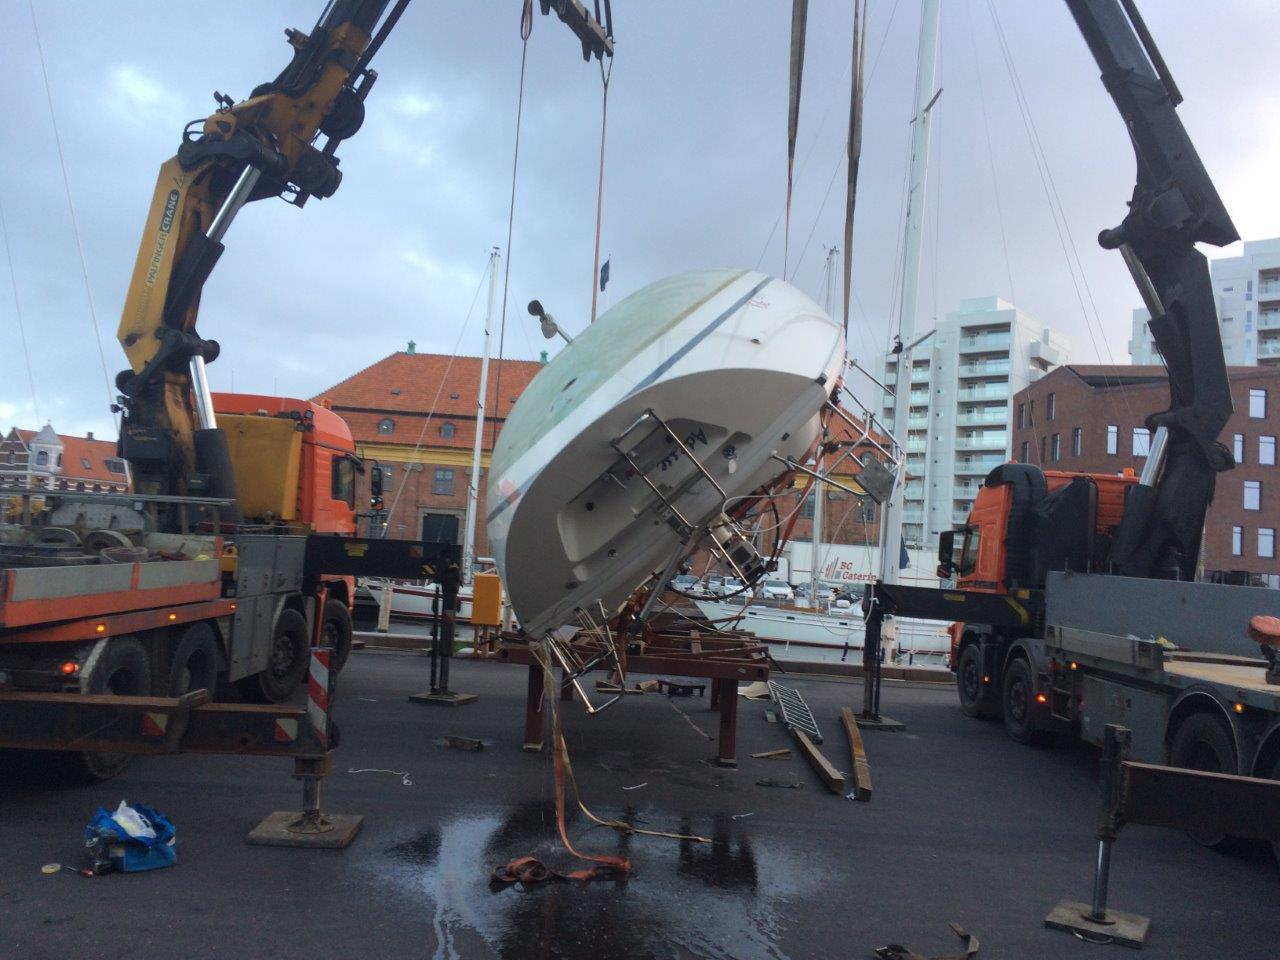 Båden blev vendt om for at gøre arbejdet med kølen nemmere. Foto: Søren Buhl.